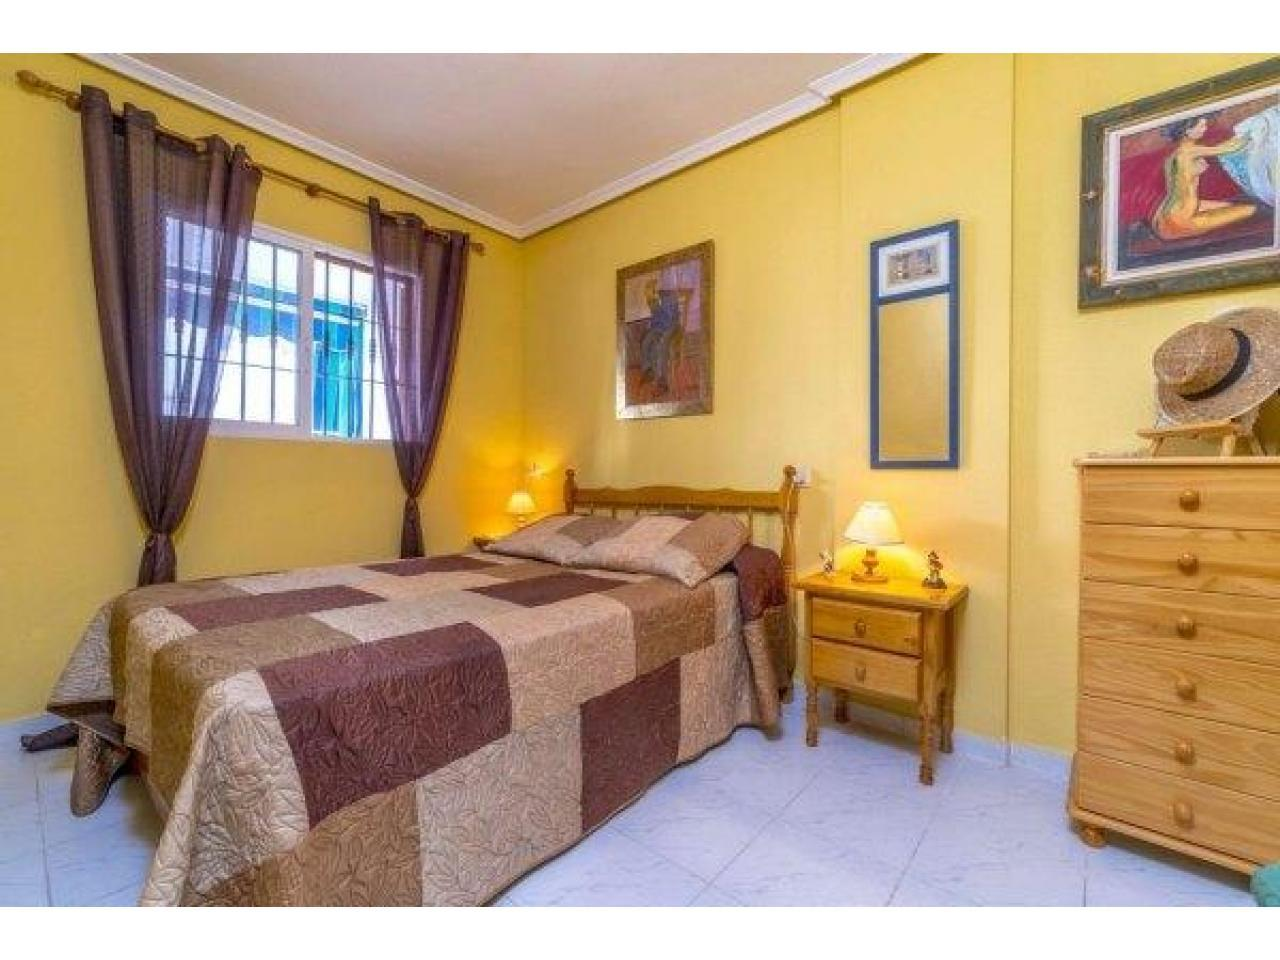 Недвижимость в Испании, Квартира рядом с пляжем в Ла Мата,Торревьеха,Коста Бланка,Испания - 4